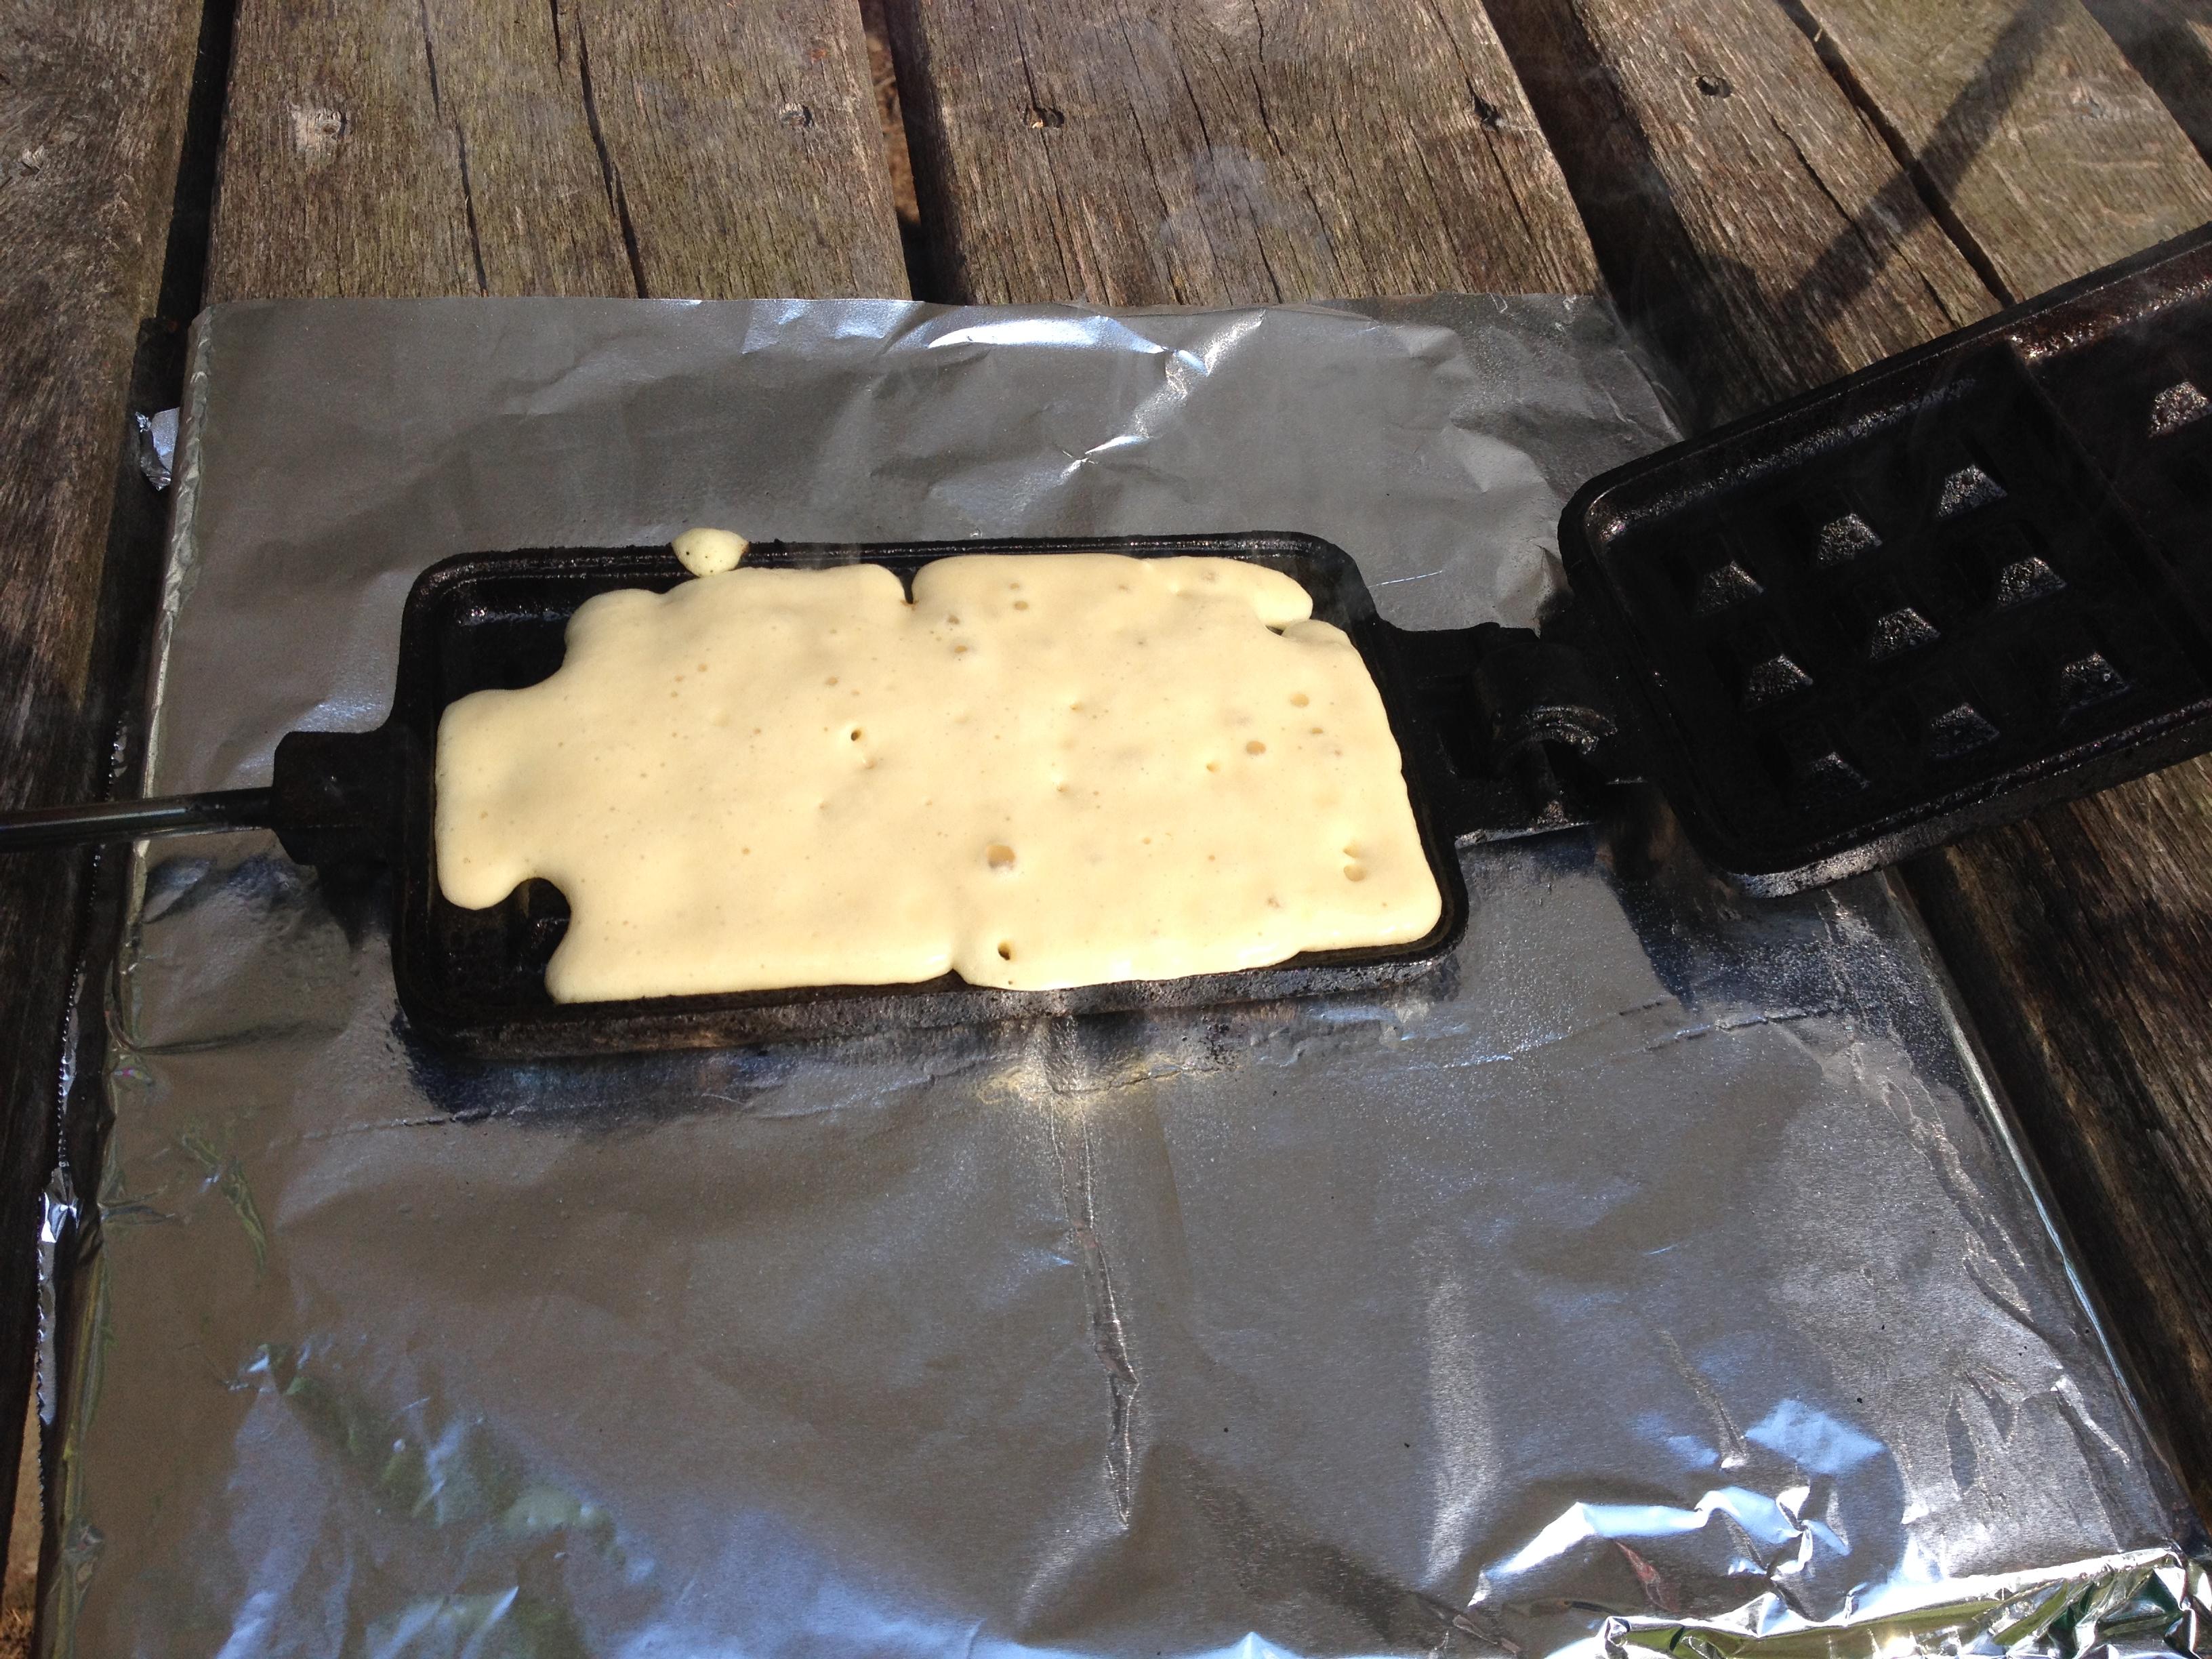 Gluten-free campfire waffles